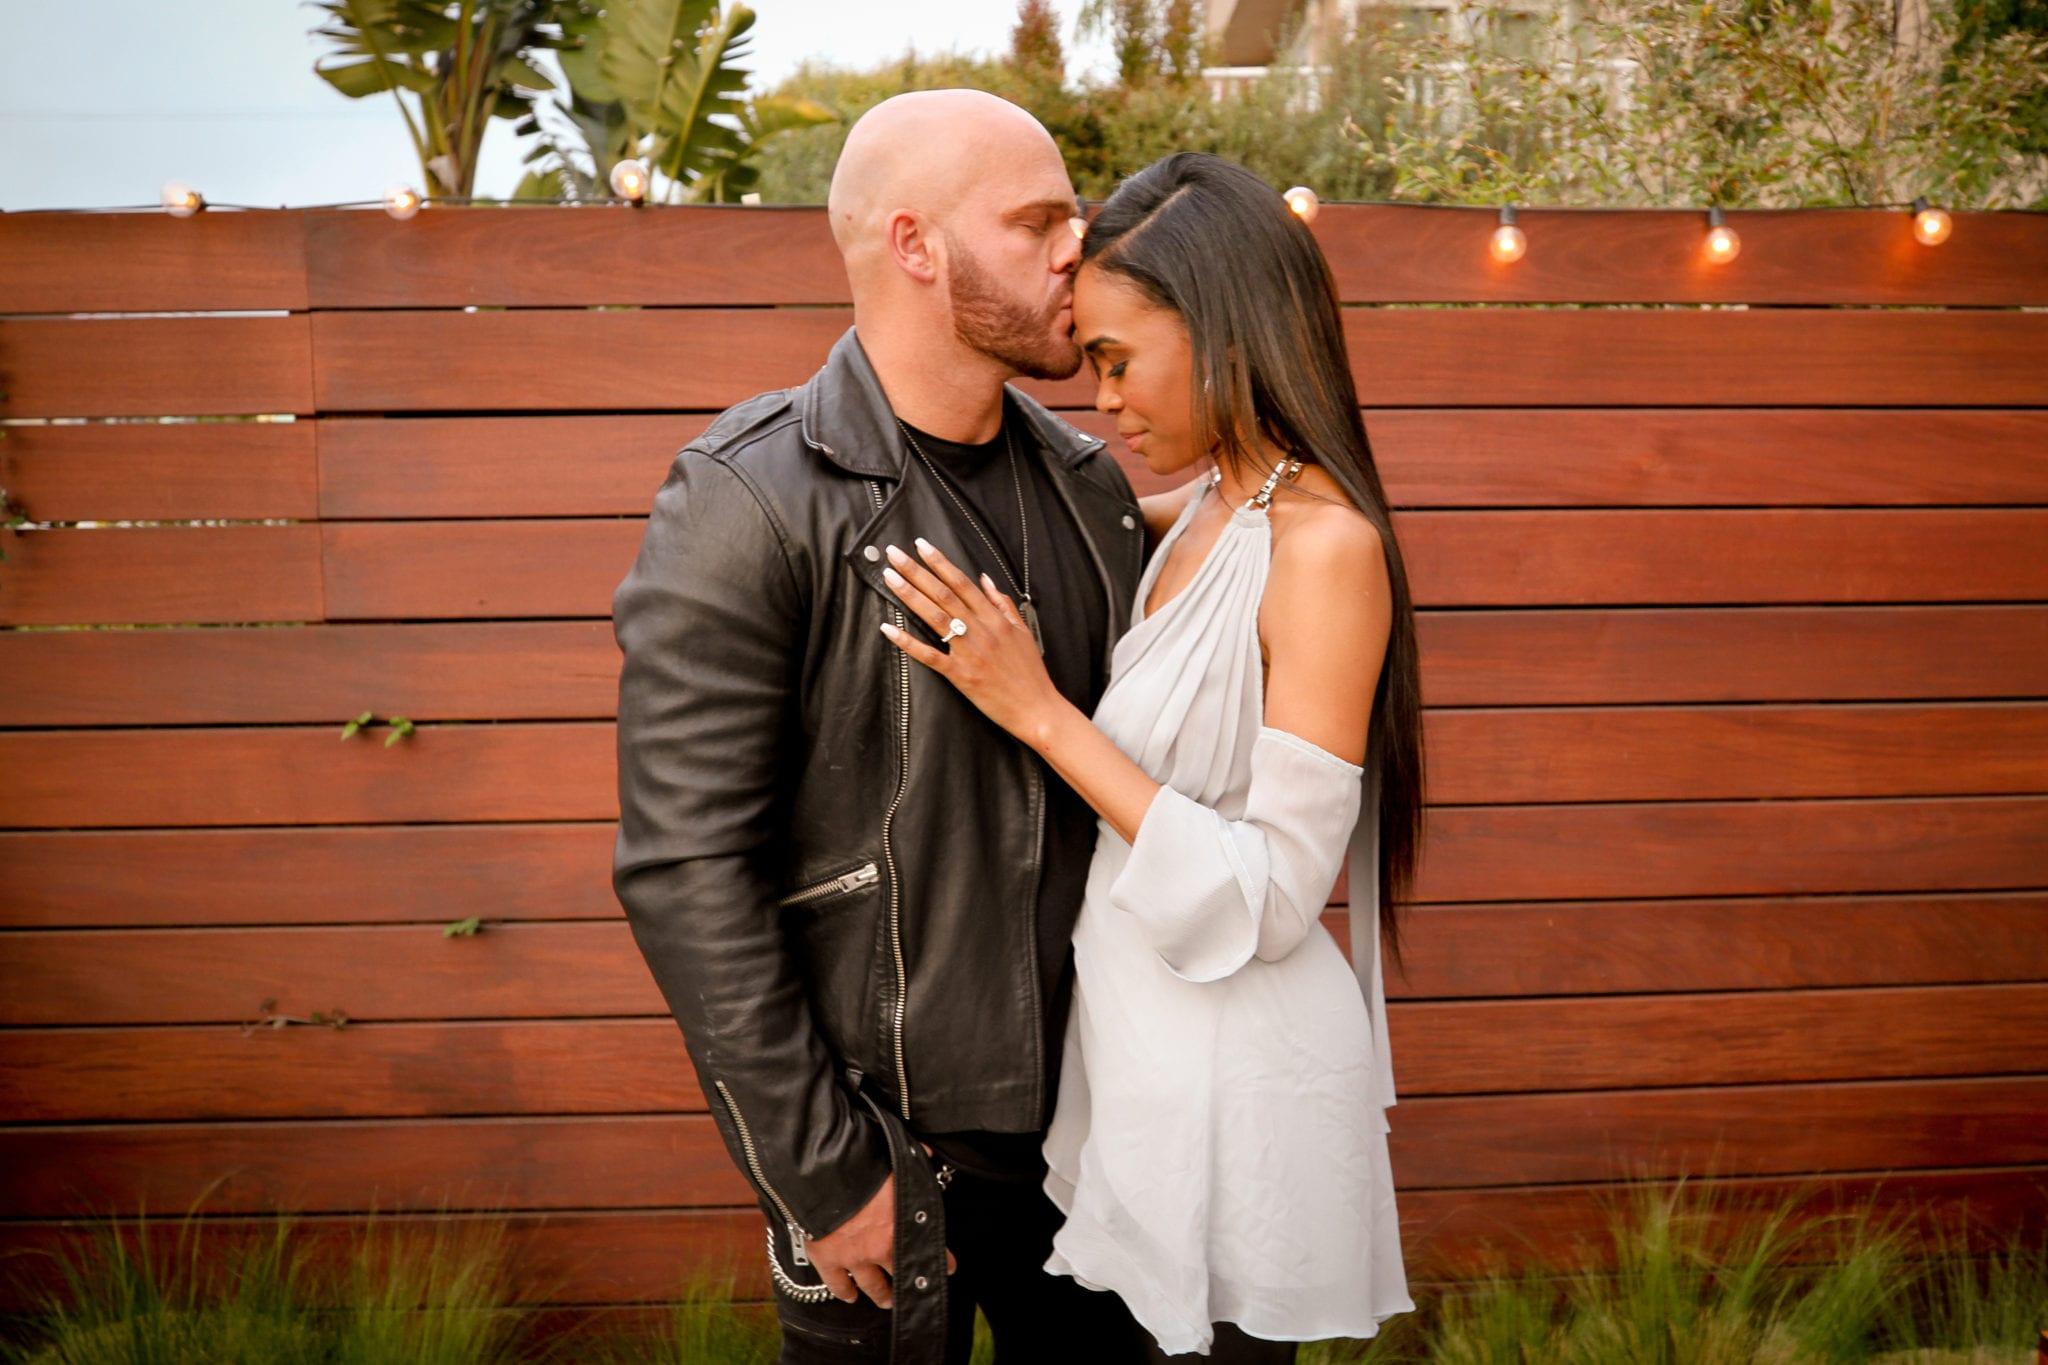 Mieux Vaut Briser des Fiançailles que de Briser un Mariage : Michelle Williams et Chad Johnson ont Annulé Leurs Noces